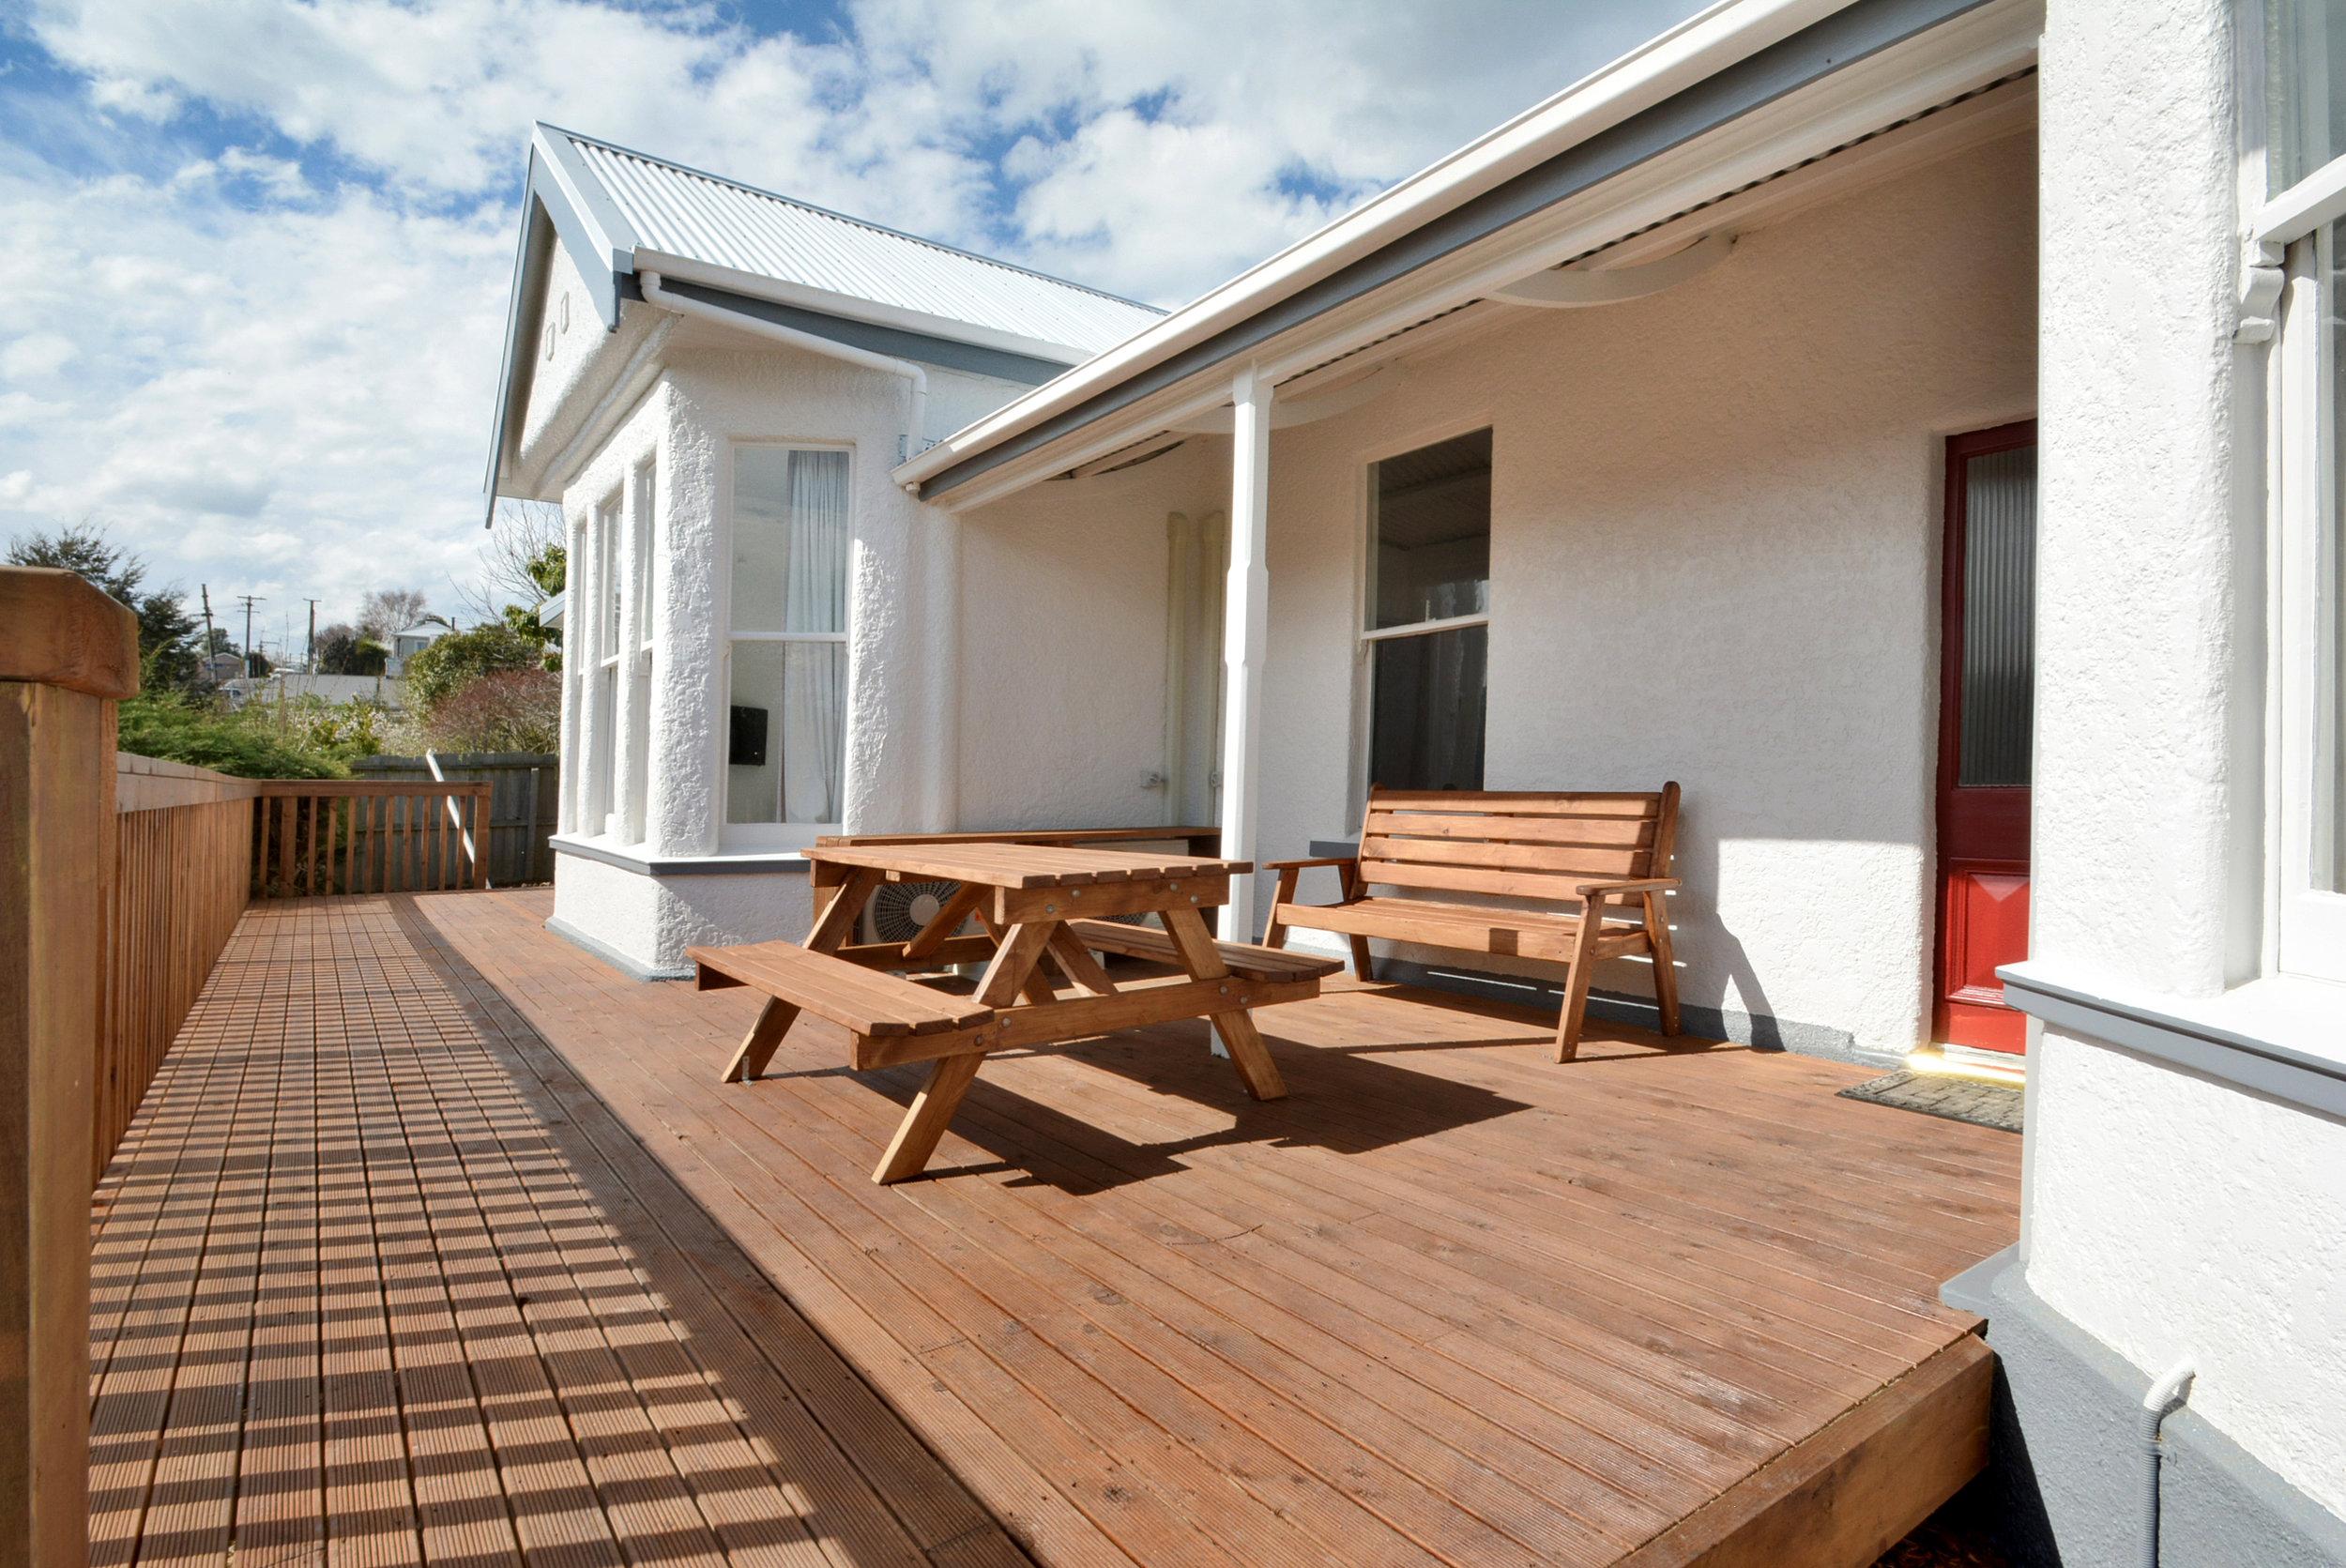 Executive area shared terrace